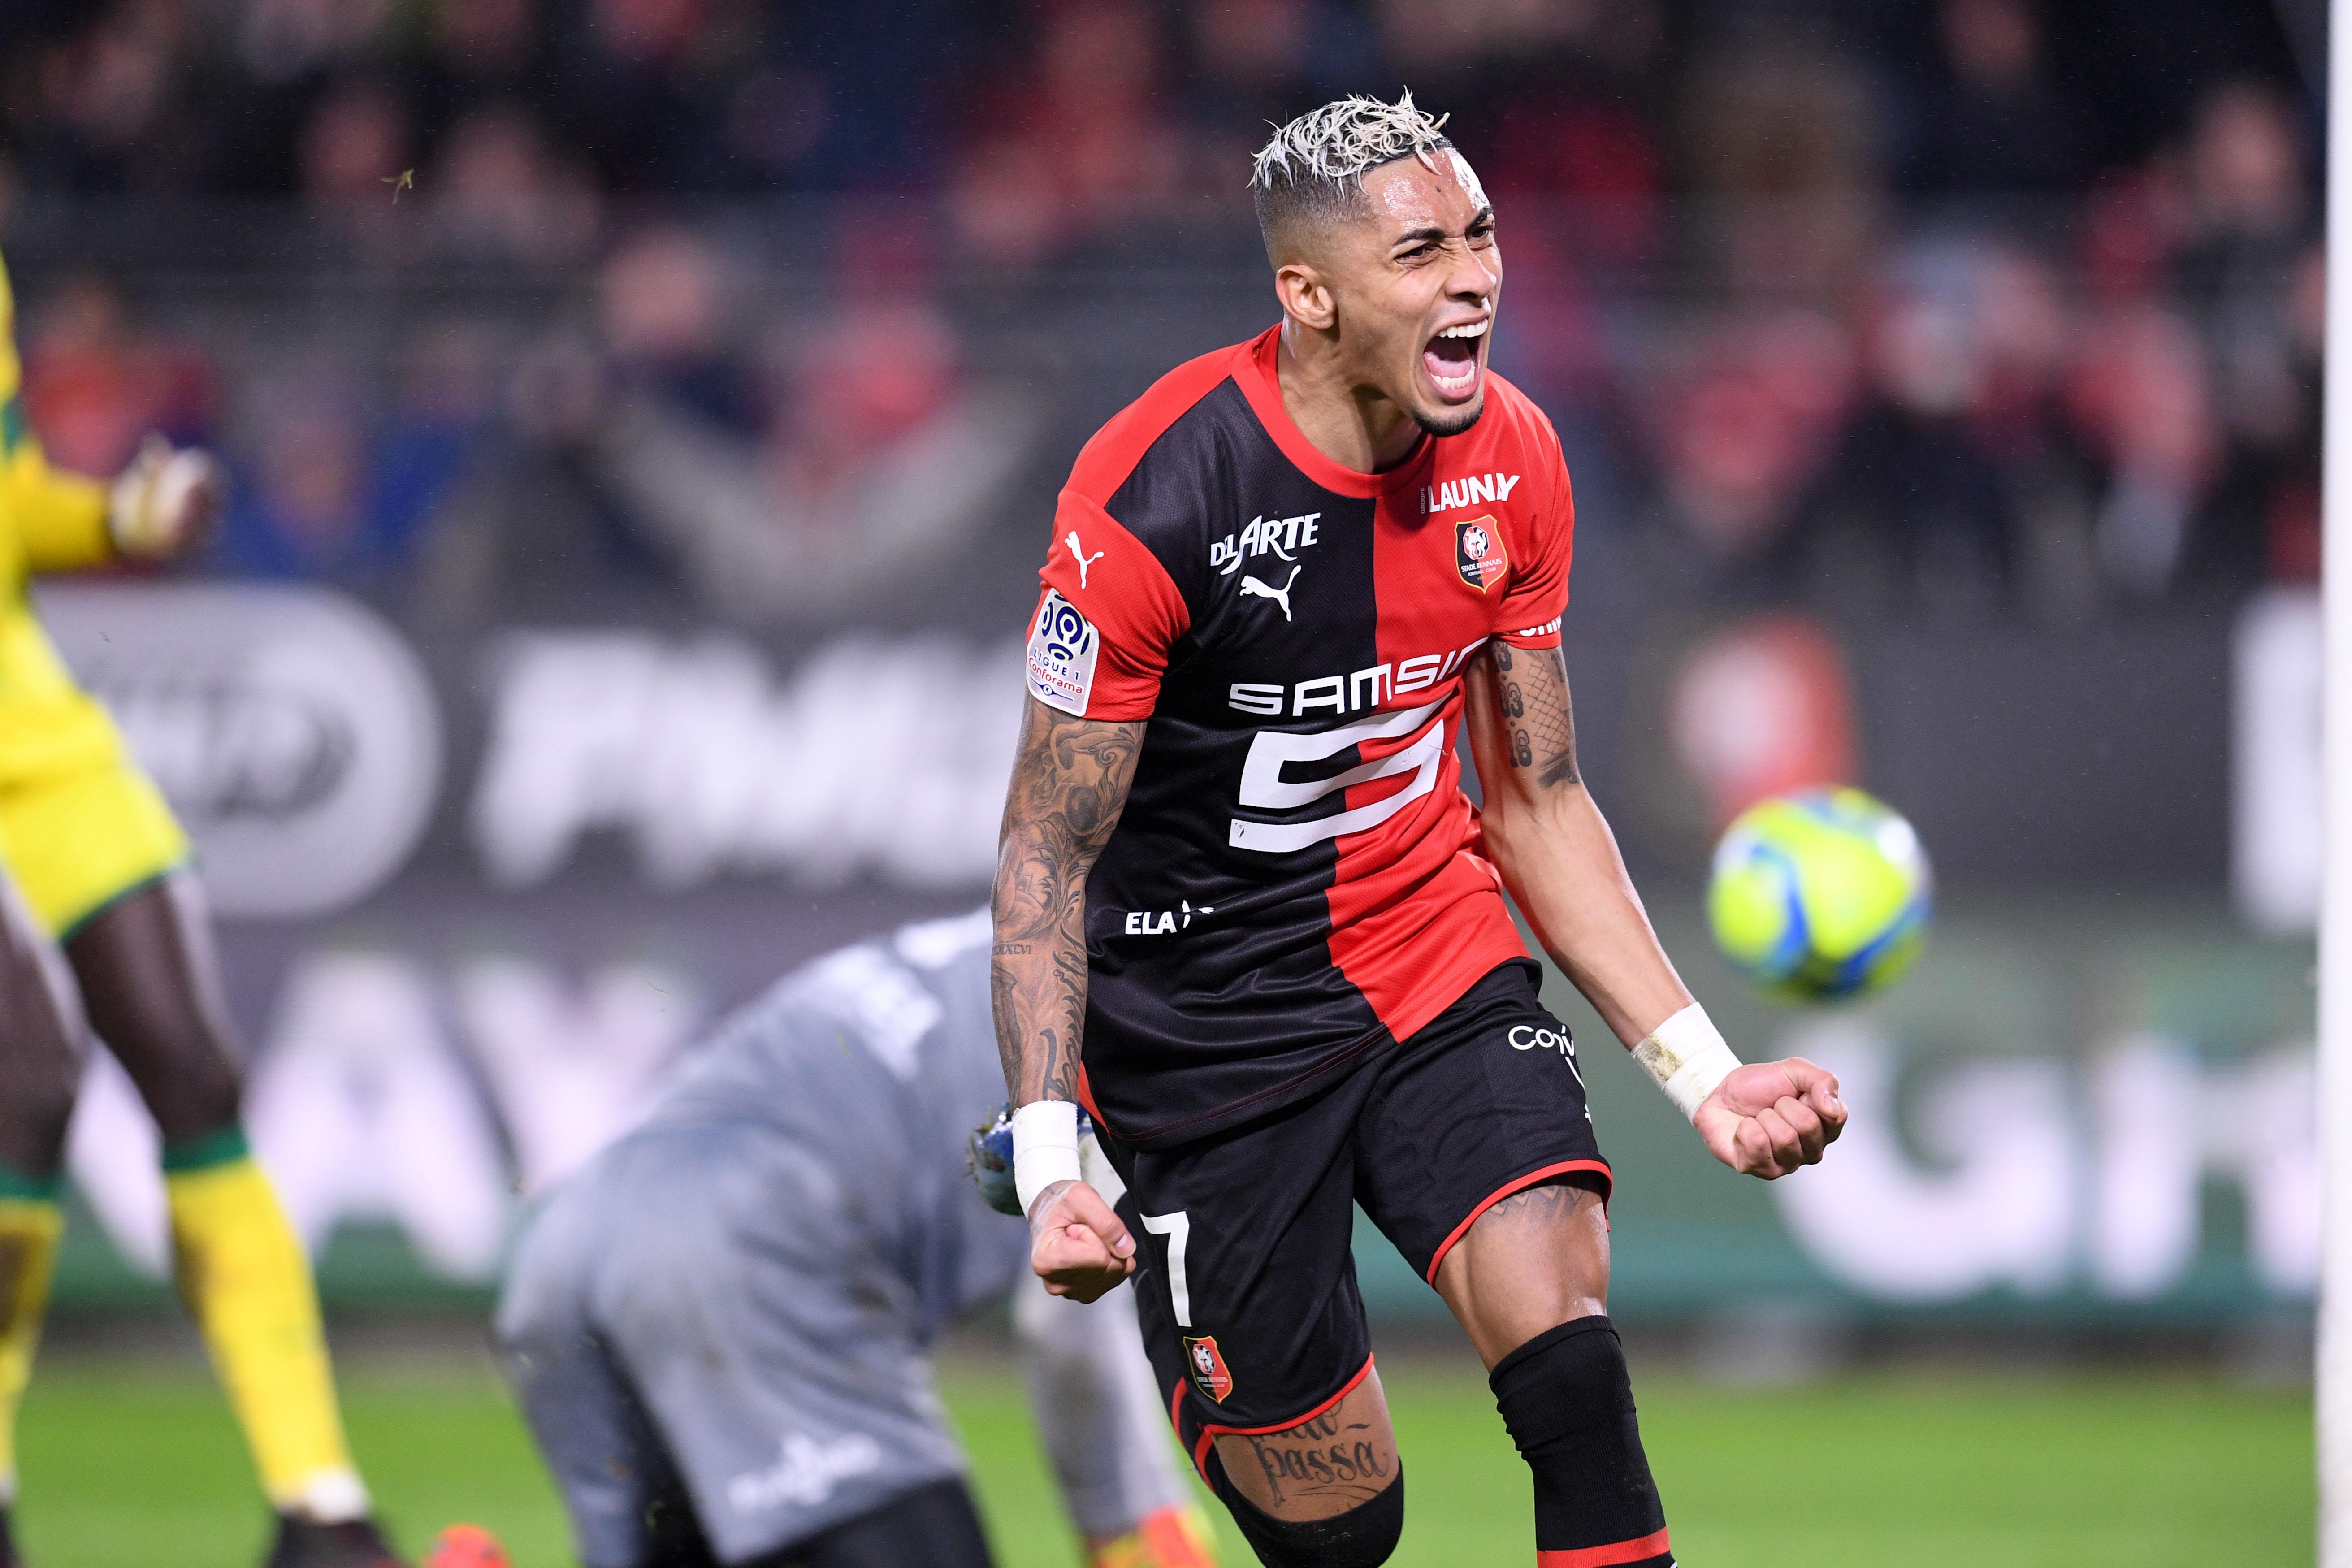 Football - Ligue 1 - Roazhon Park en folie, Monaco, Montpellier : le debrief stats de la 22ème journée de L1